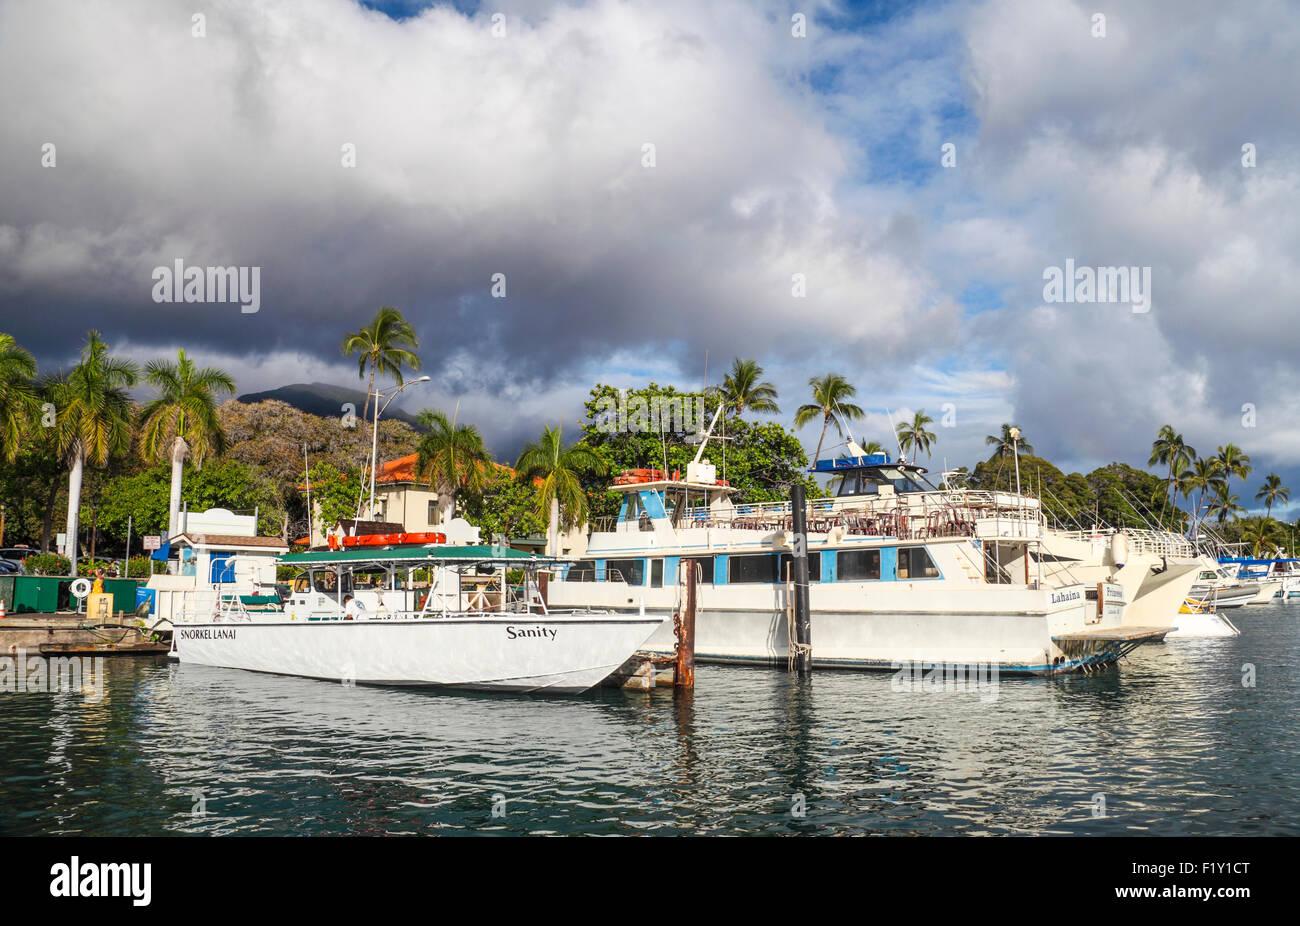 Boats docked in Lahaina, Maui - Stock Image